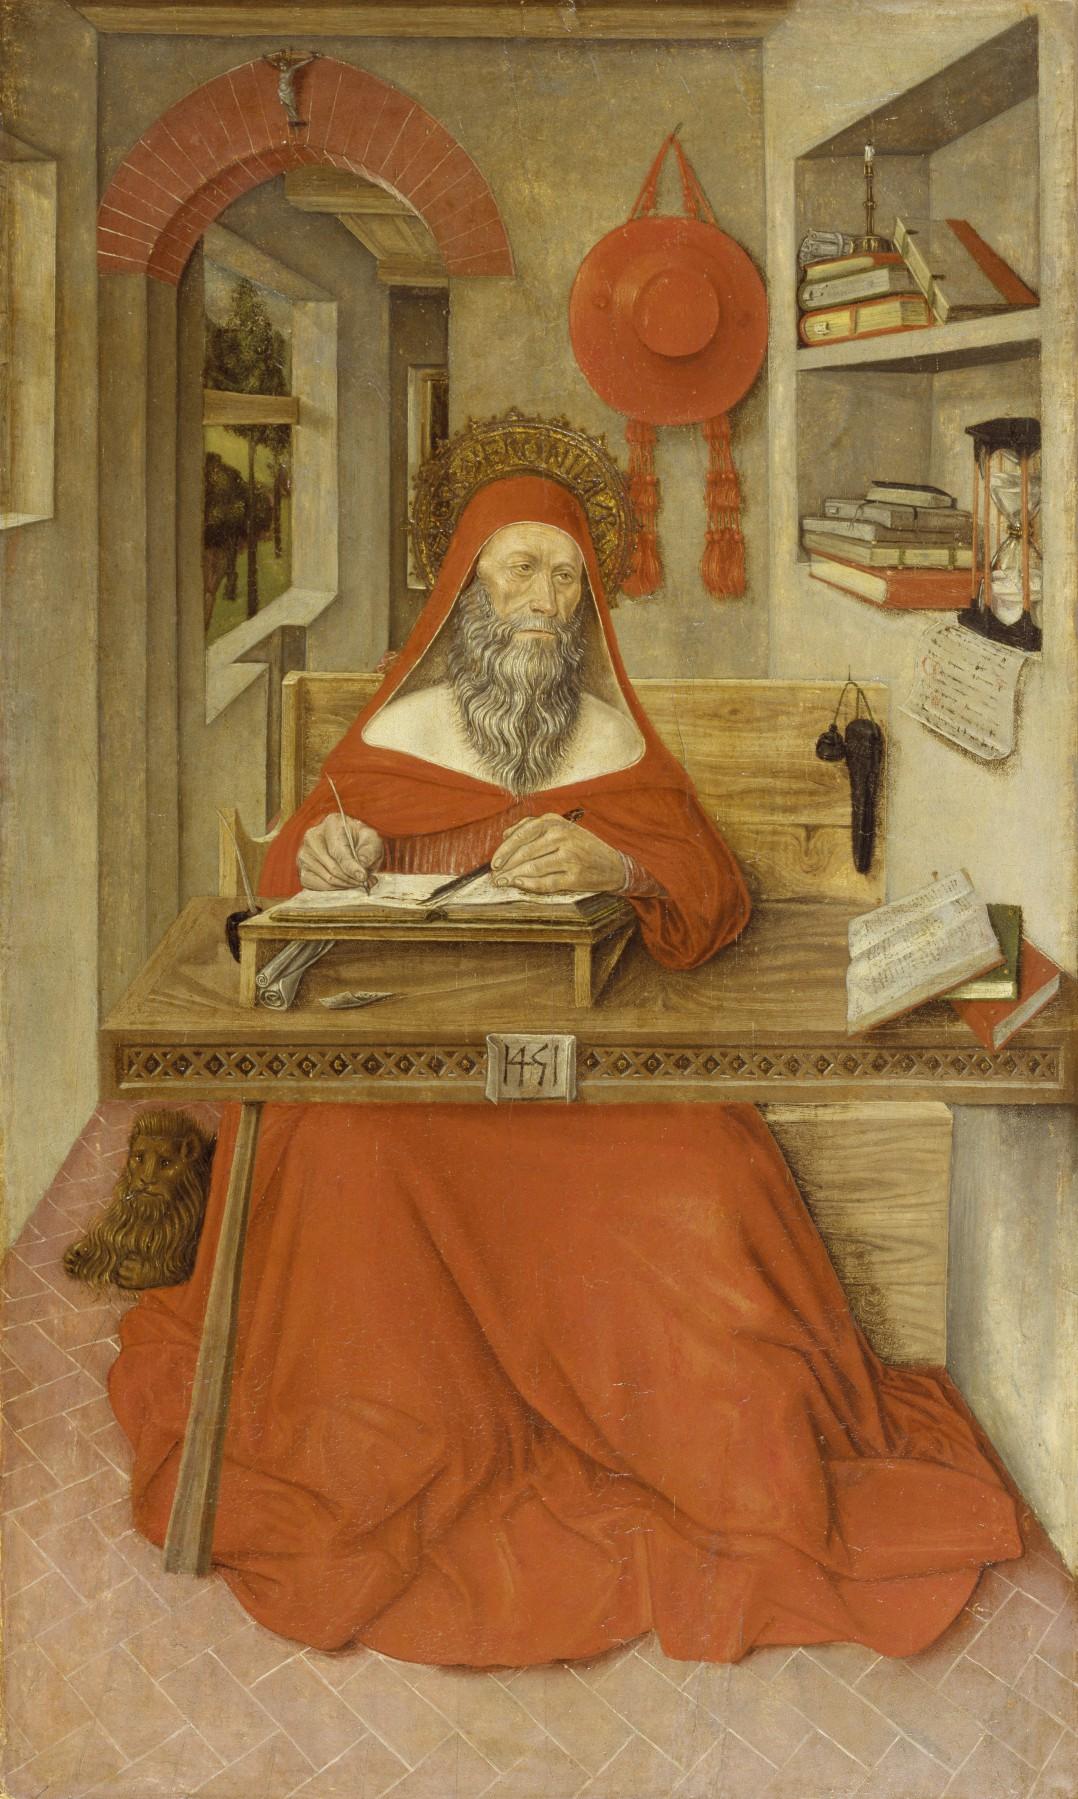 Антонио да Фабриано 2 Святой Иероним за работой филадельфия.jpg